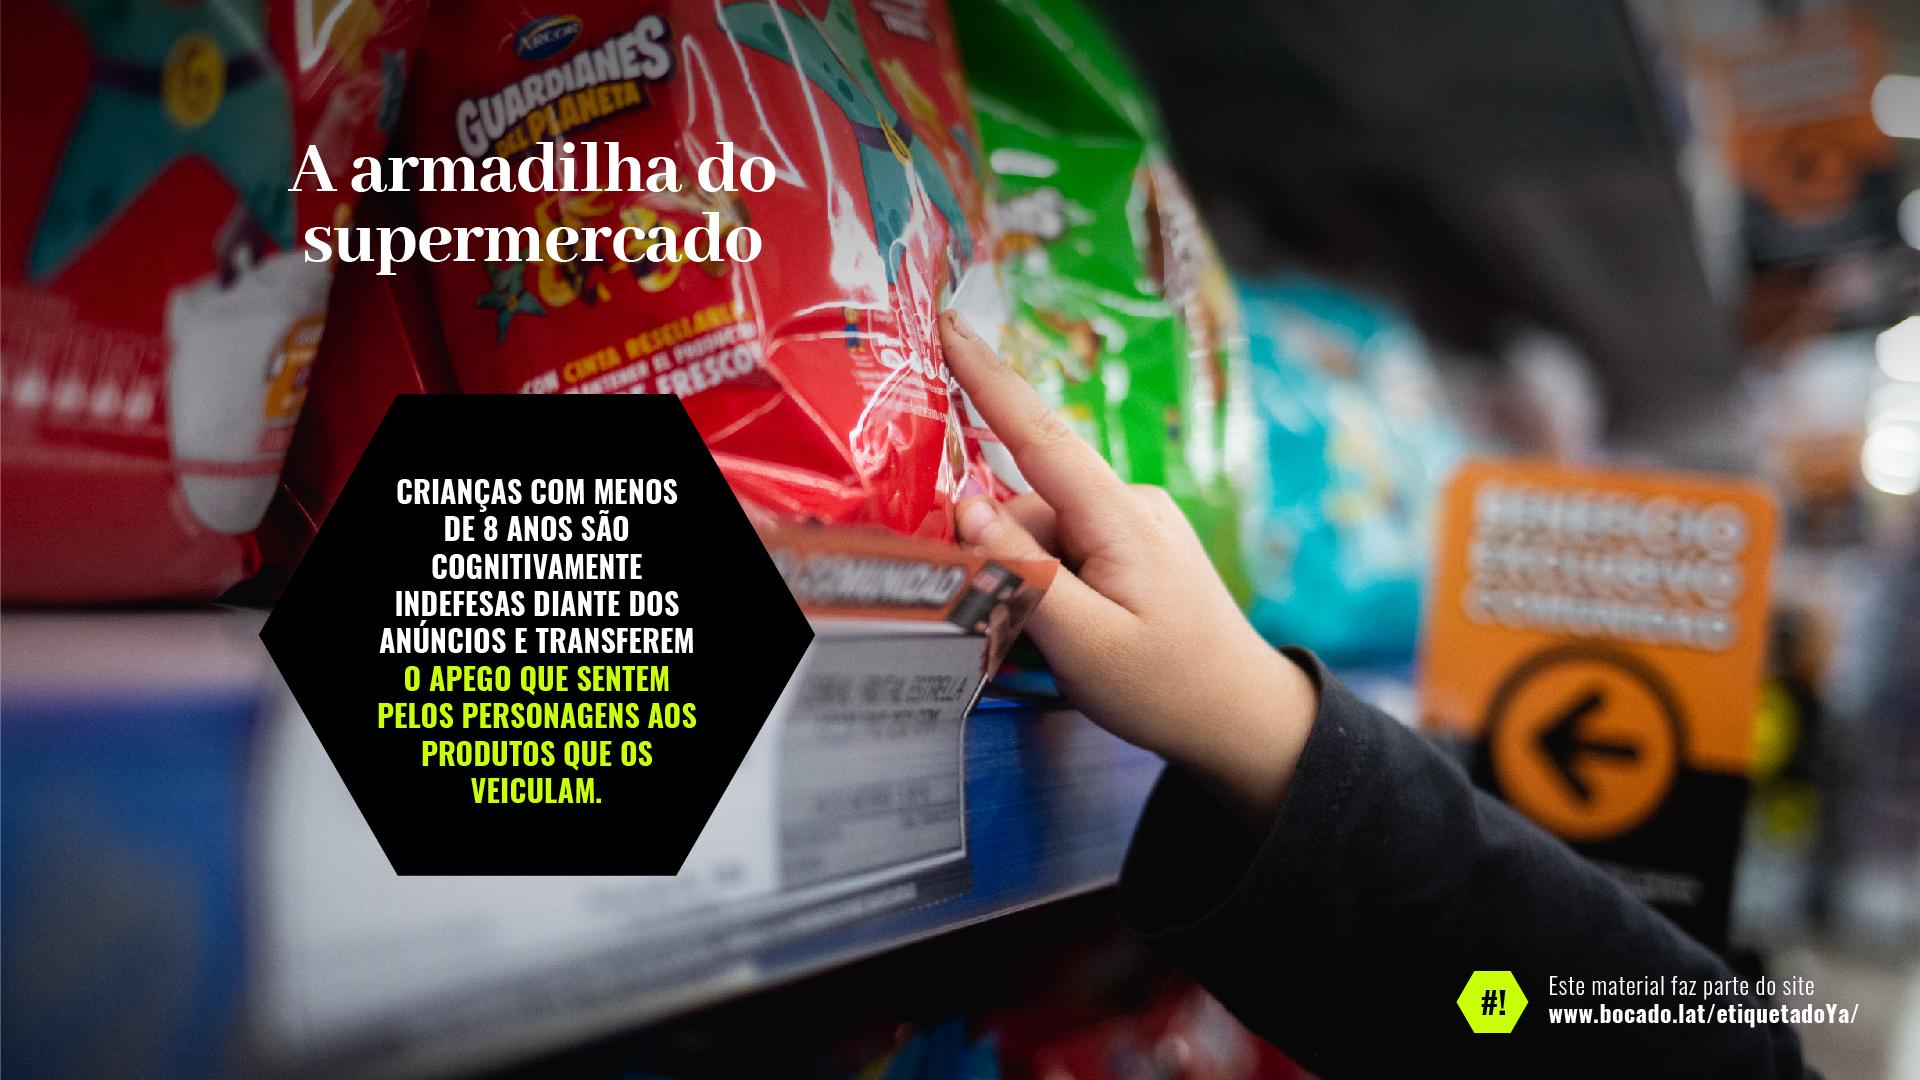 Trampas_supermercado_1_Bocado